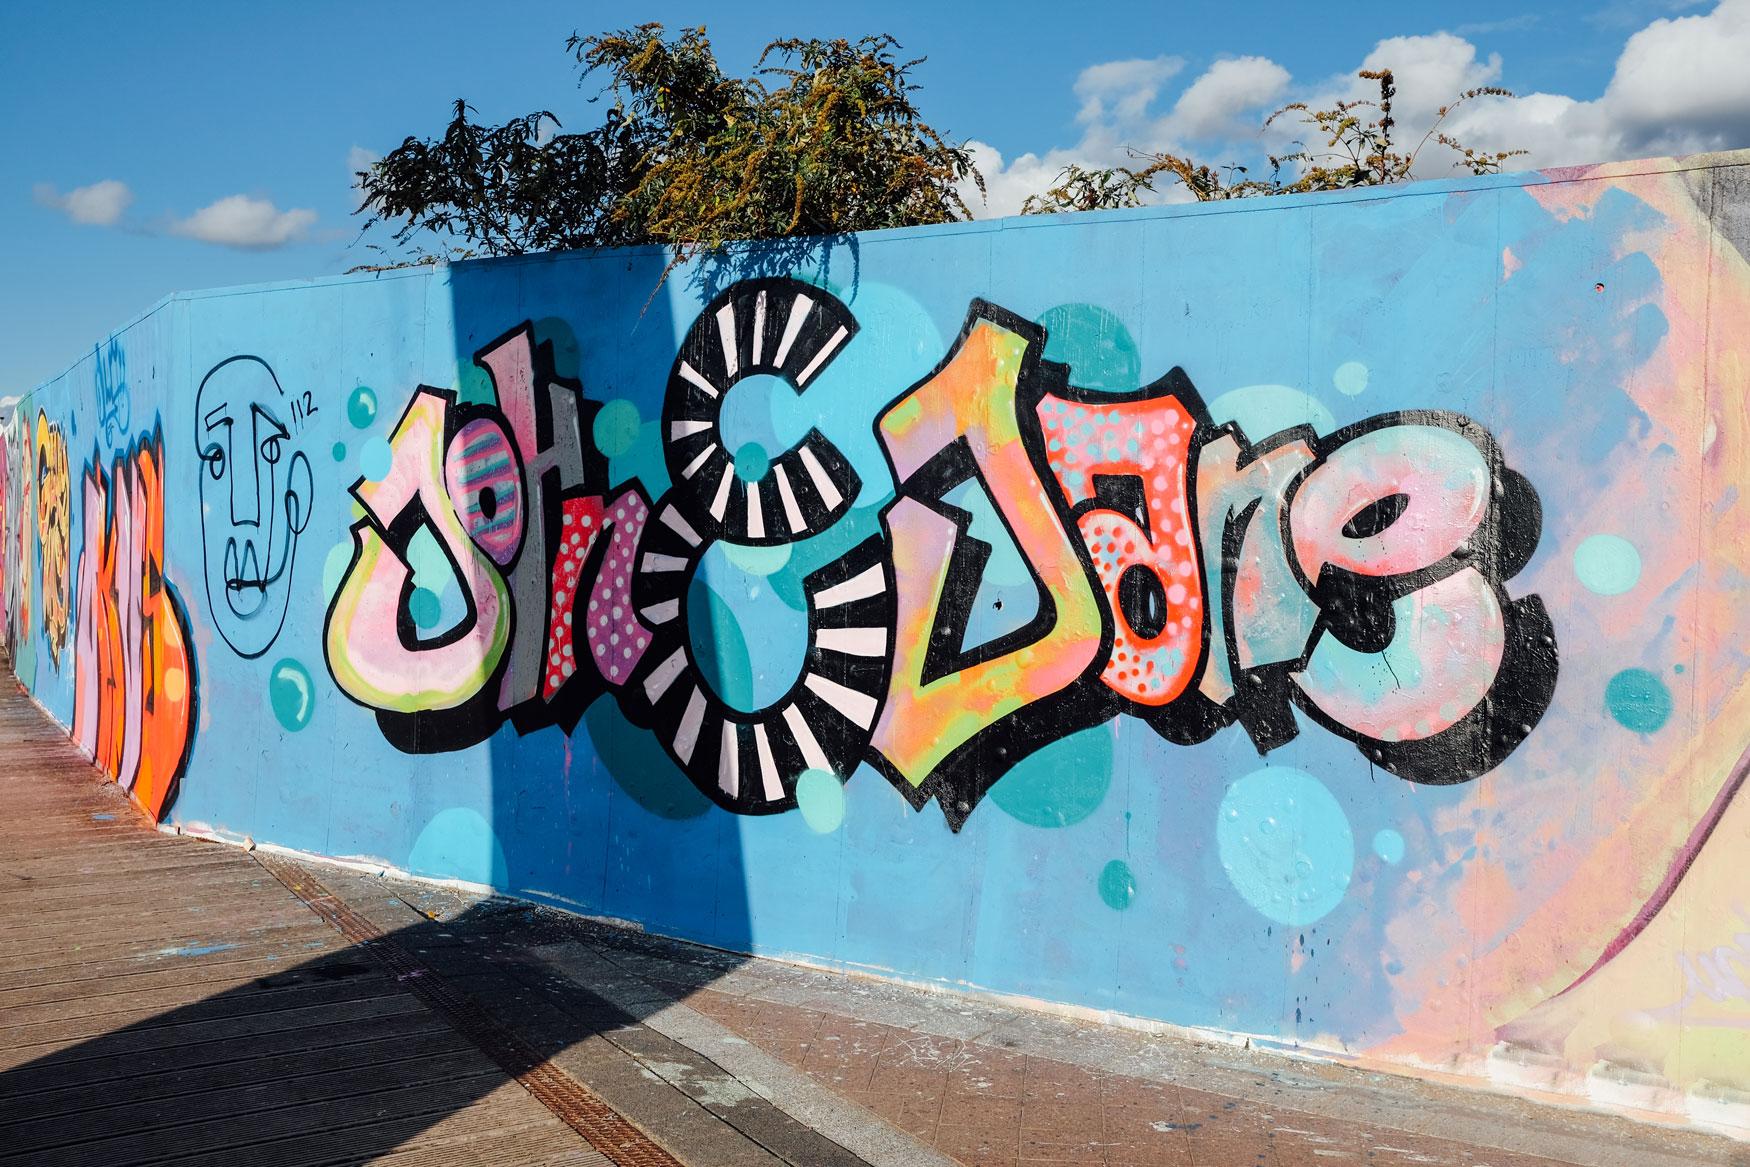 добраться картинки граффити сообщение реализации нет